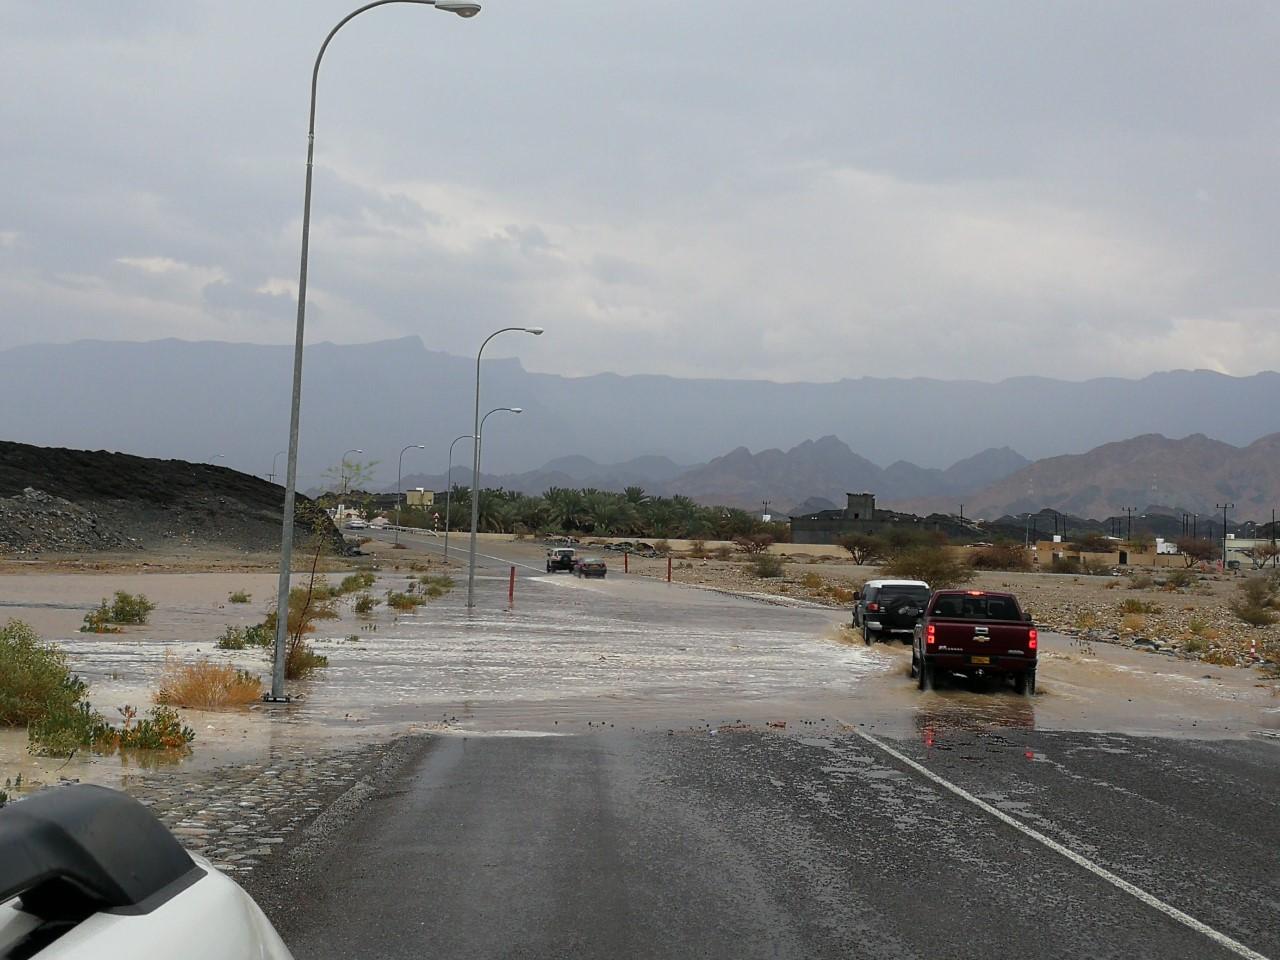 أمطار غزيرة وأودية جرت في المحافظات الشمالية